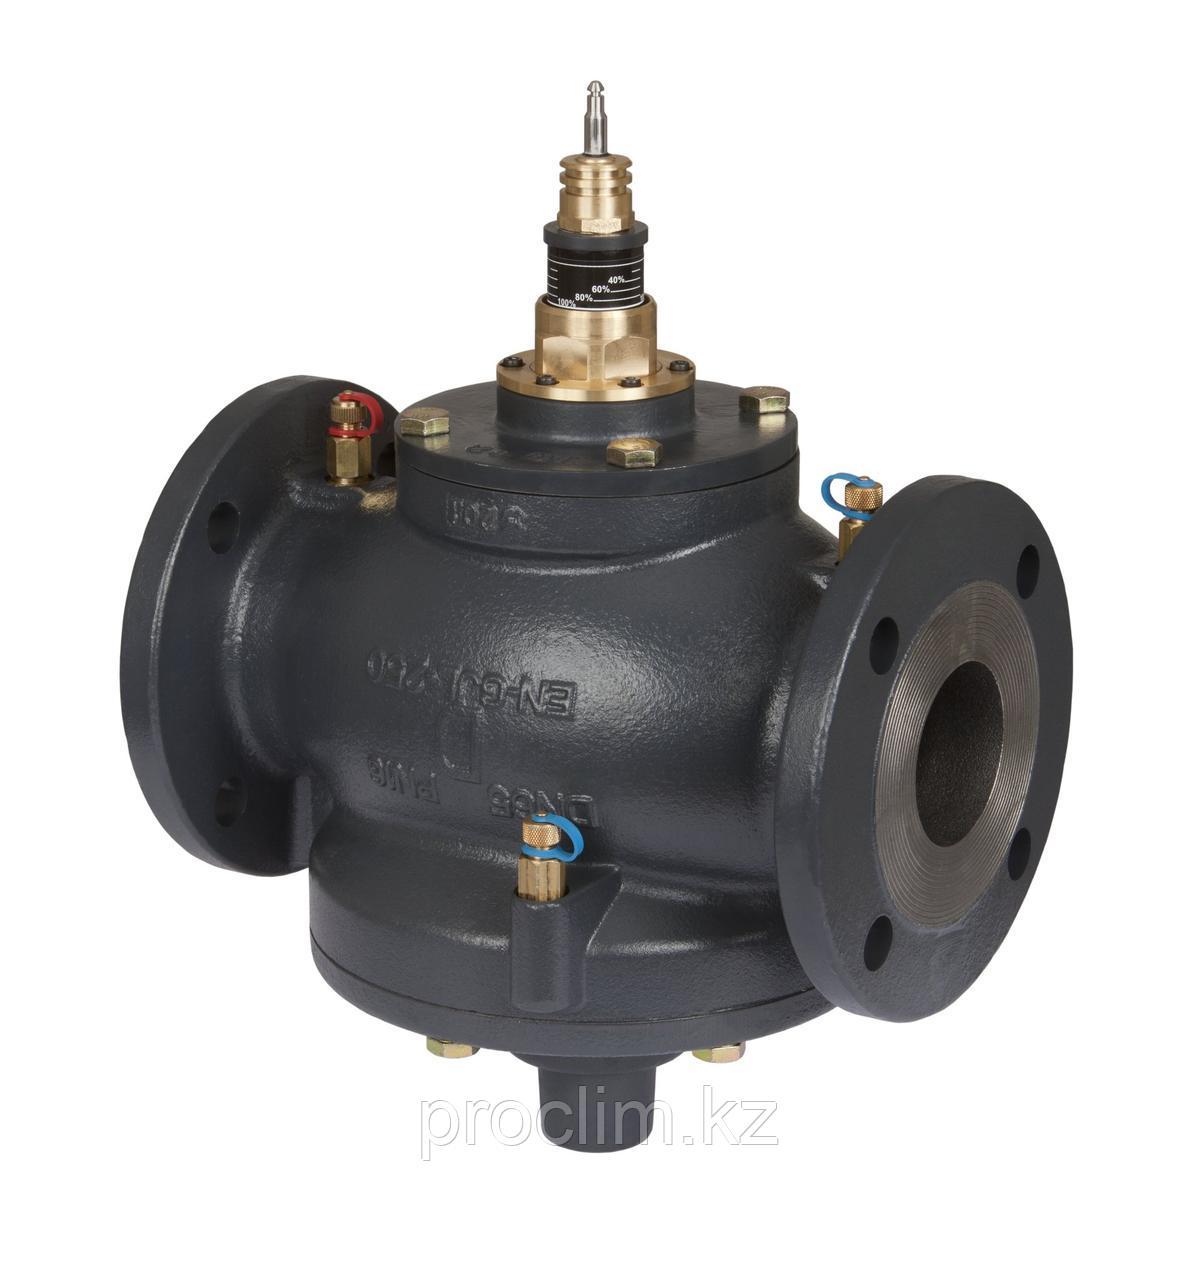 Клапан Danfoss AQF, Ду=80 мм